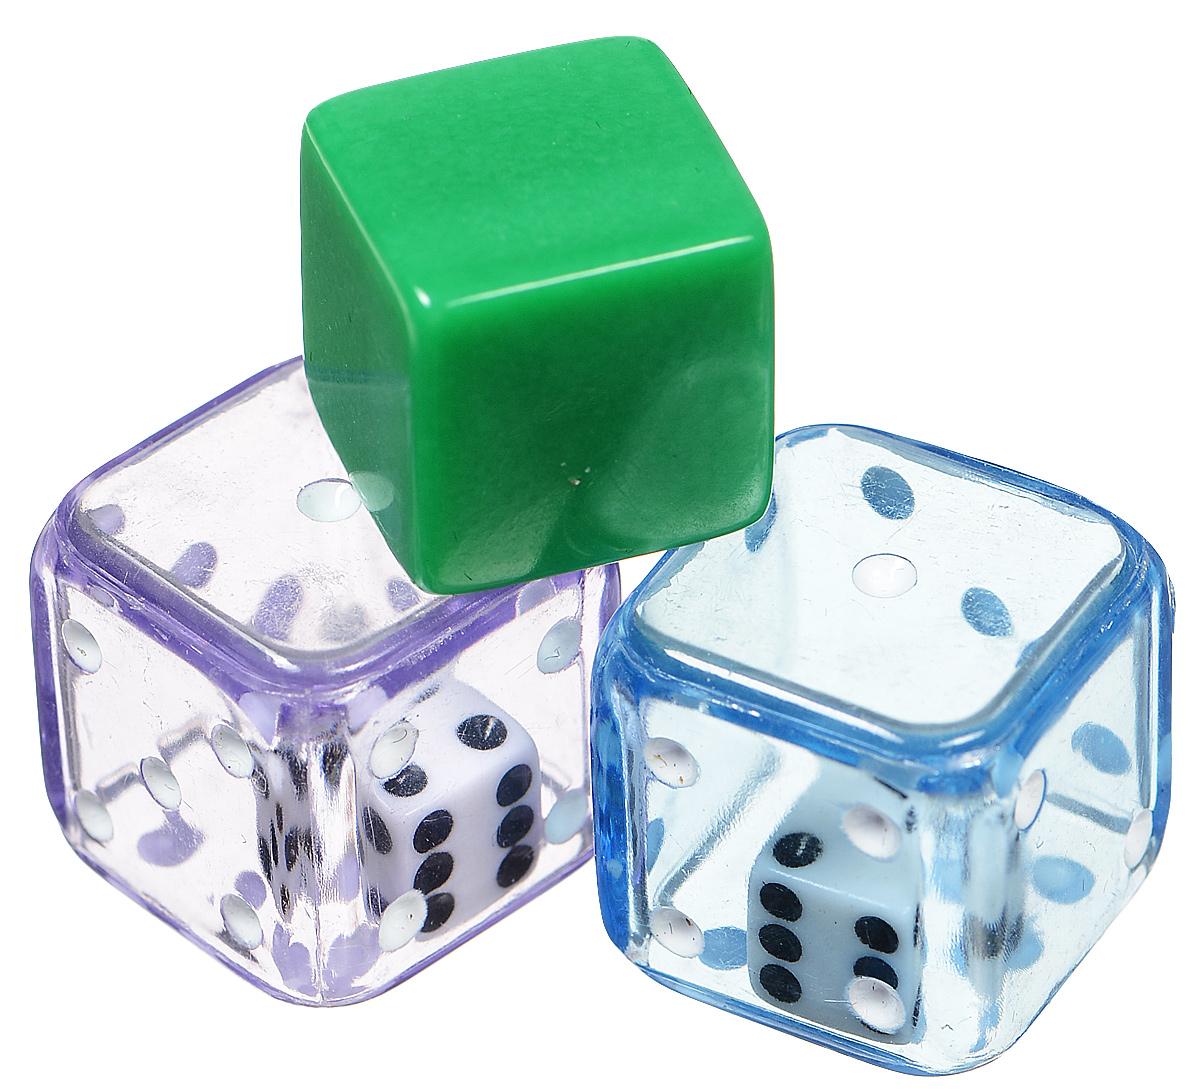 Pandoras Box Математический набор №4 Дроби цвет синий фиолетовый зеленый01PB037_синий, фиолетовыйС помощью данного набора можно генерировать примеры с любыми математическими операциями, так как вы можете написать на пустом кубике все что угодно, тем самым усложняя примеры для детей. Использование: С помощью кубиков генерируем пример, который по правилам сложения, вычитания, деления и умножения, вычисляем. Набор хорош для группы детей для того, чтобы на скорость состязаться в правильном вычислении дробей. Дроби достаточно сложная тема и ее лучше всего осваивать в игровой форме. В наборе: 2 кубика D6 в кубиках D6, 1 кубик пустой, мешочек.